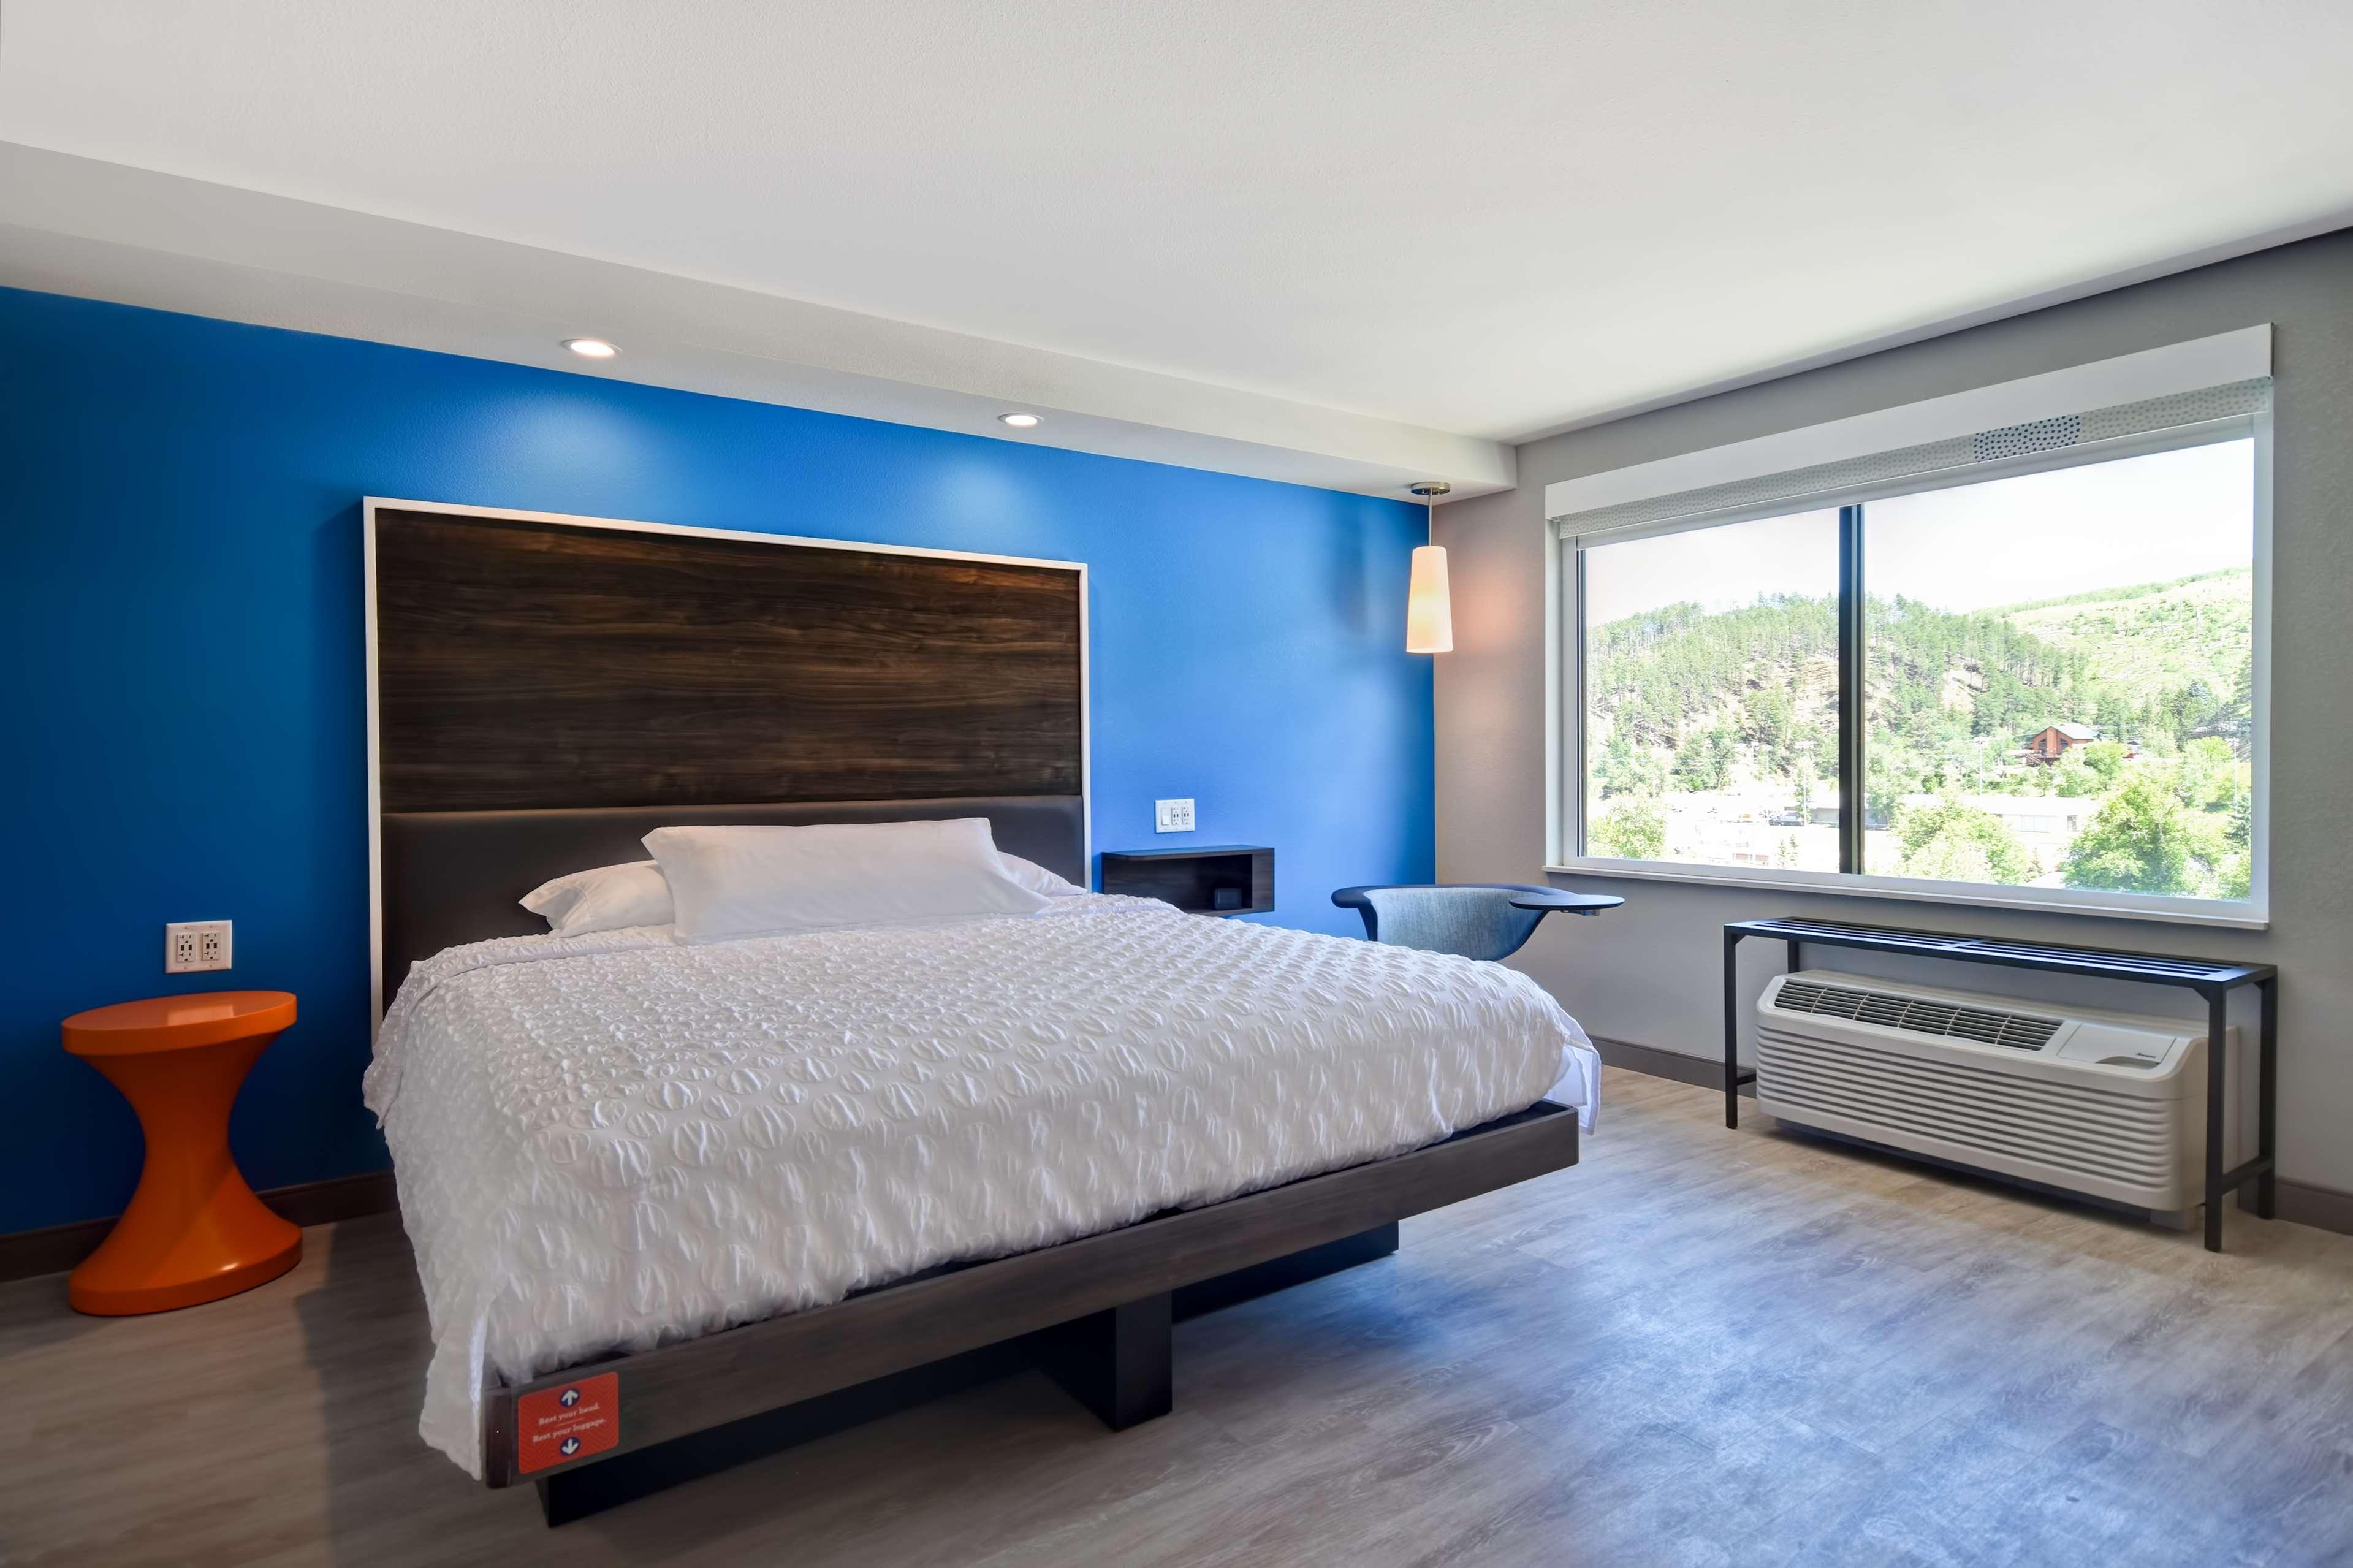 Tru by Hilton Deadwood image 25